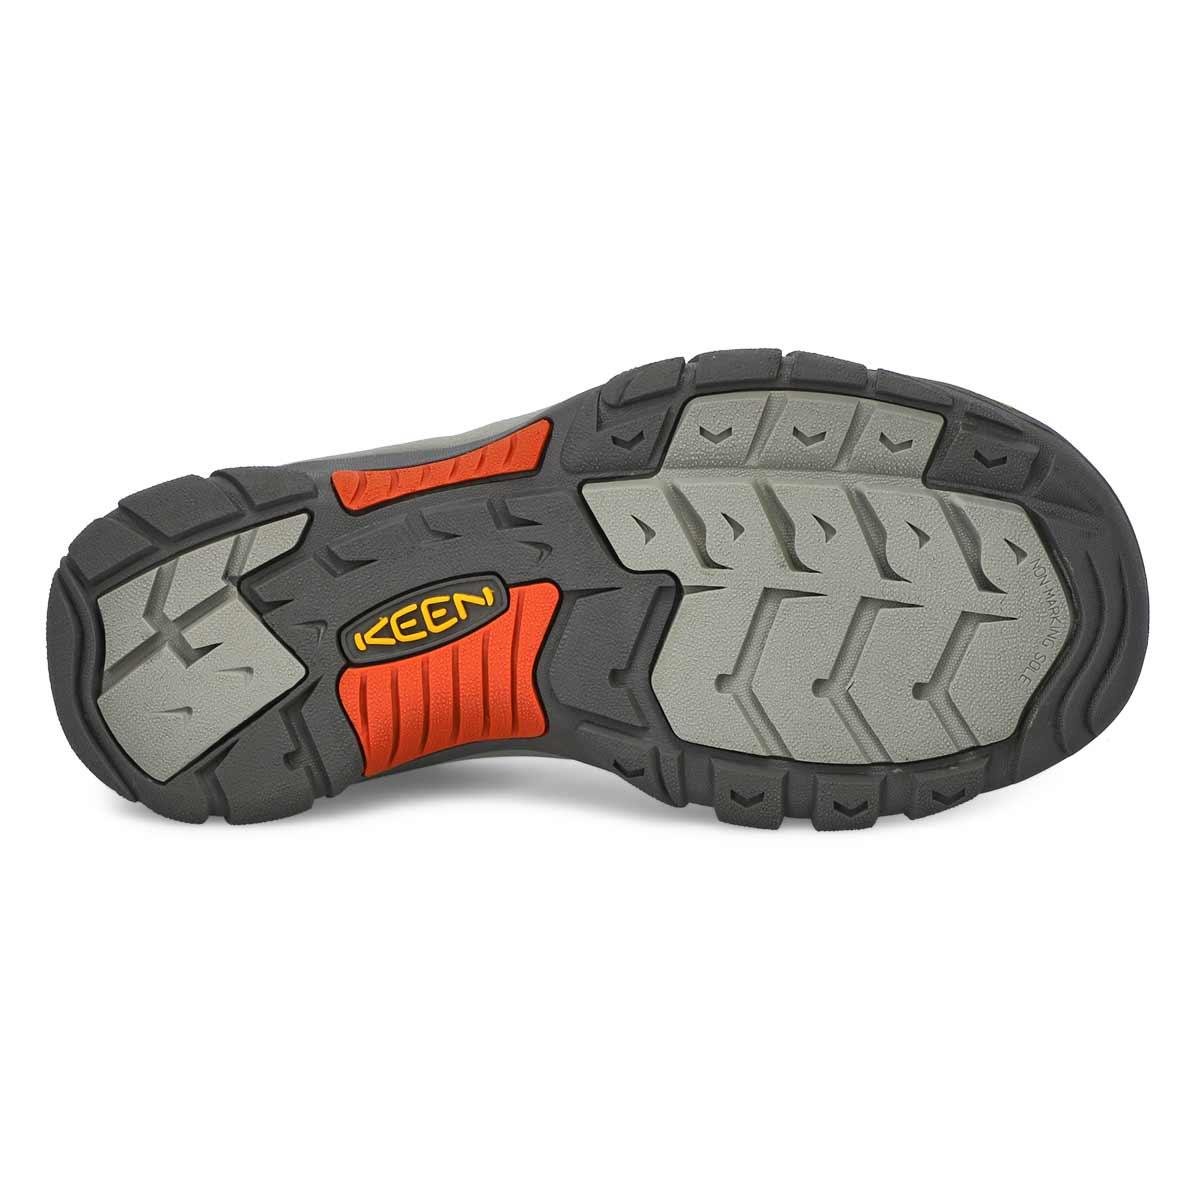 Men's Newport H2 Sandals -Ink/Rust